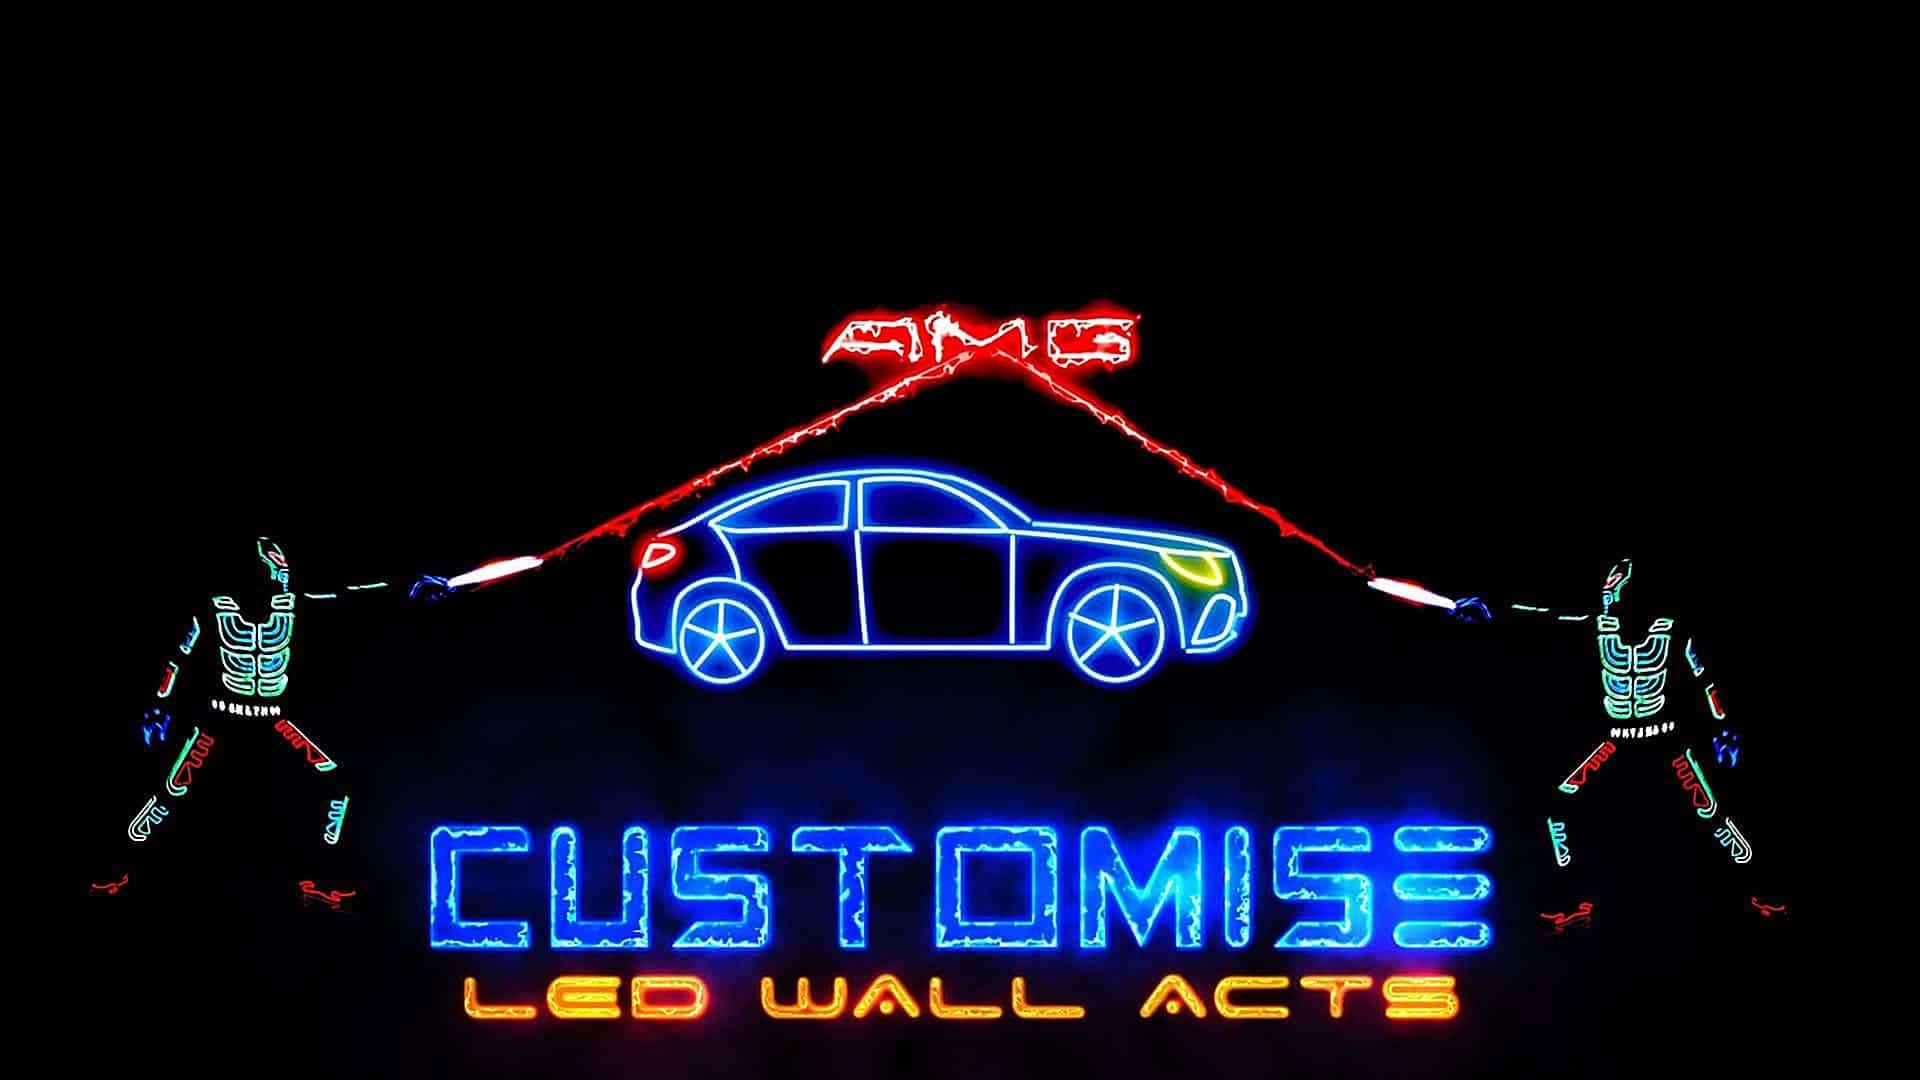 Customise LED Wall show